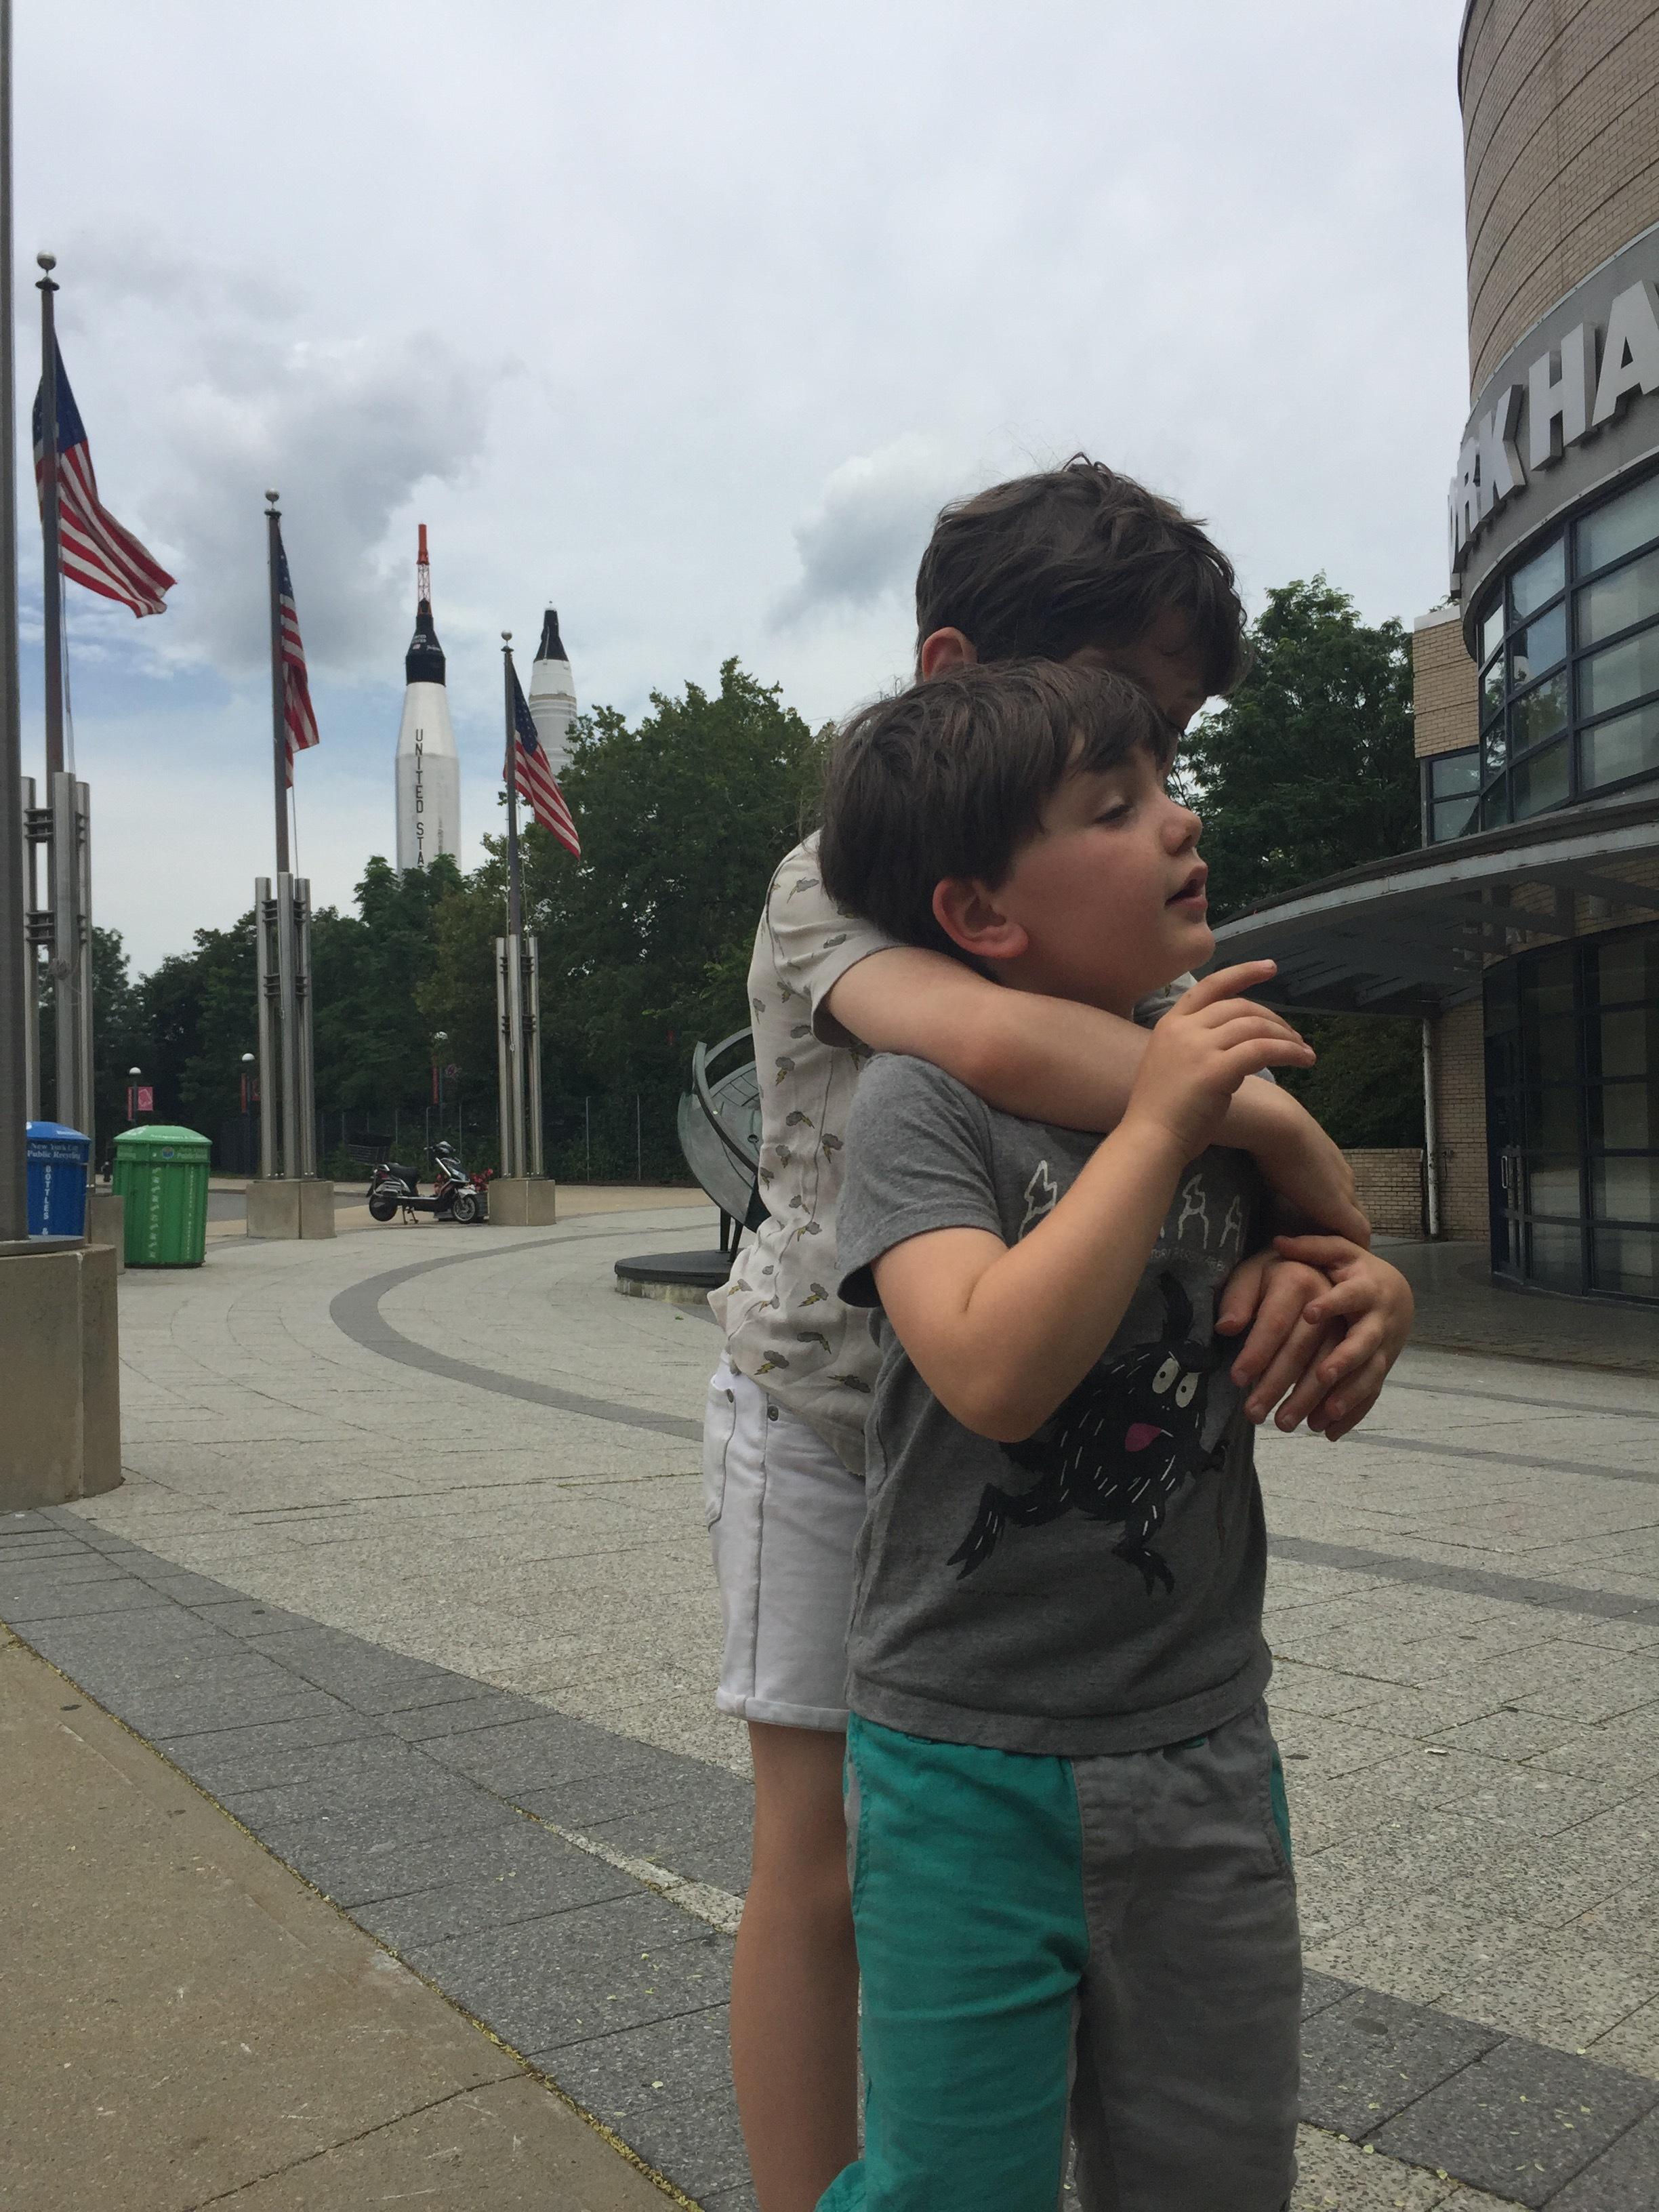 Just a little hug.